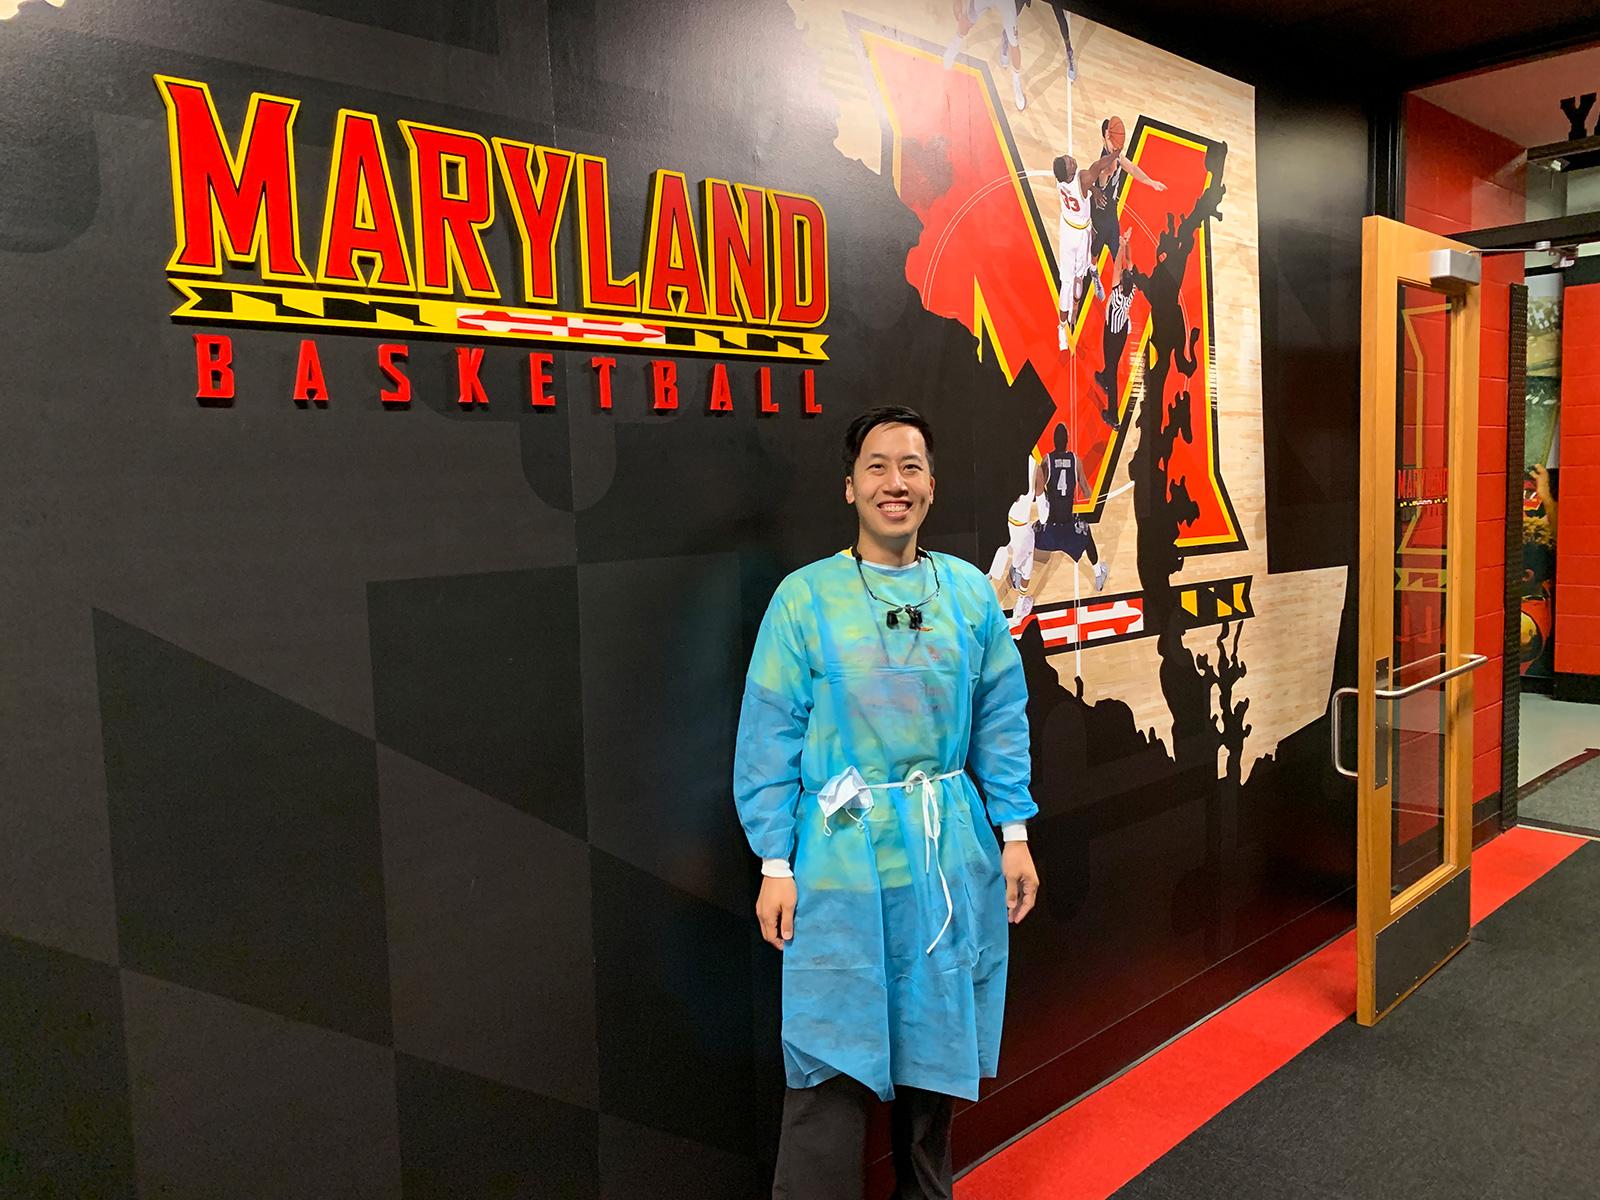 Dr. Maryland Basketball